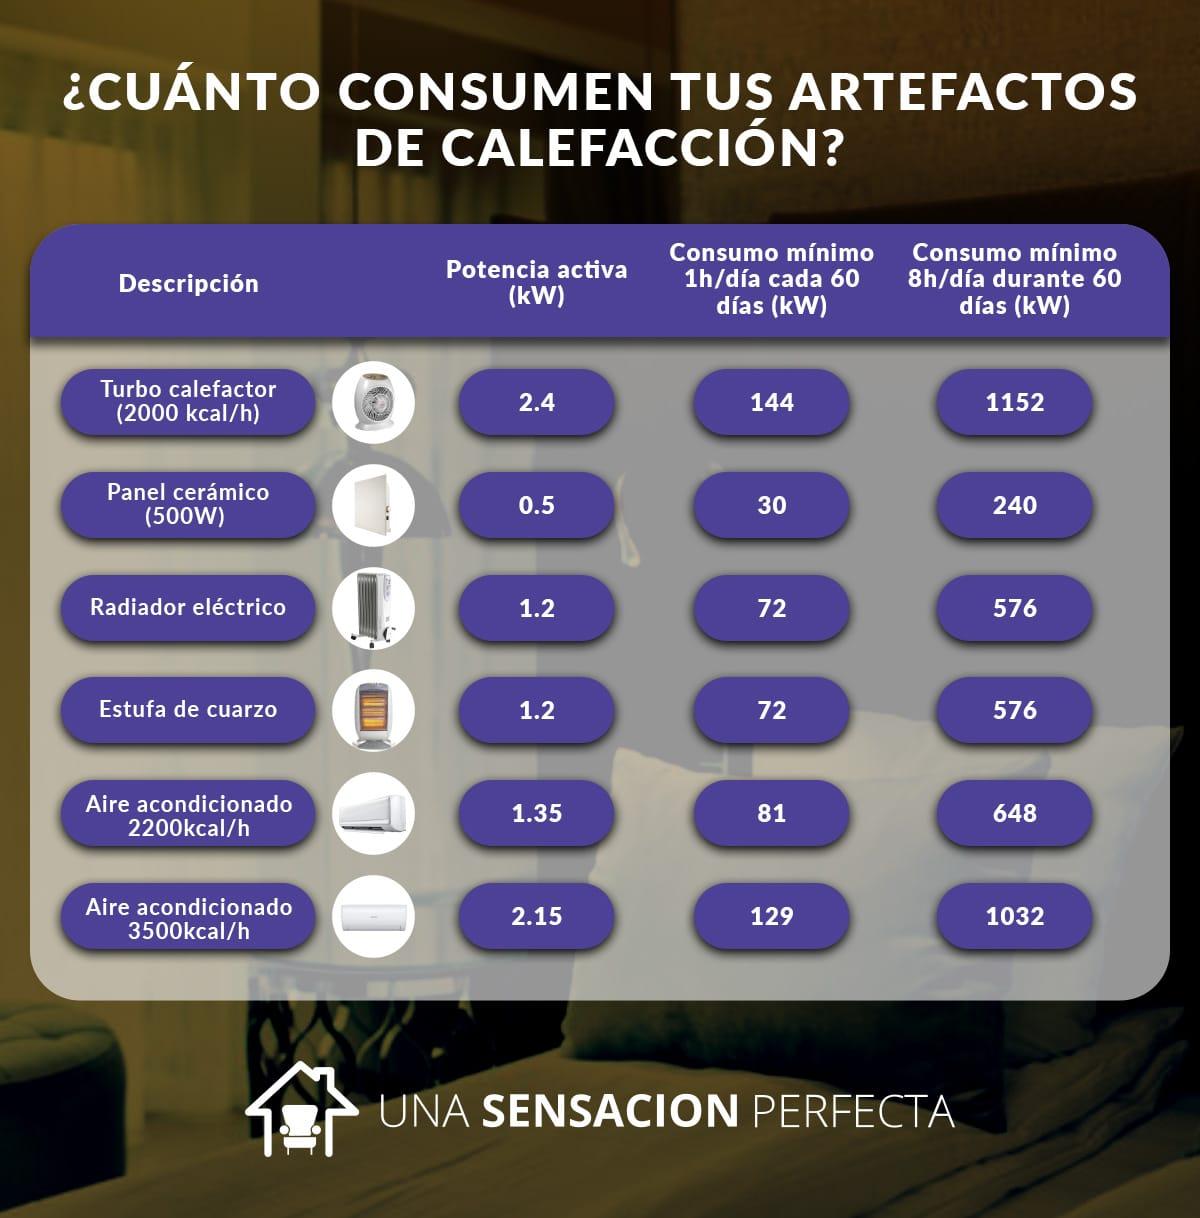 consumo calefactoares - que-tipo-de-calefactor-consume-menos